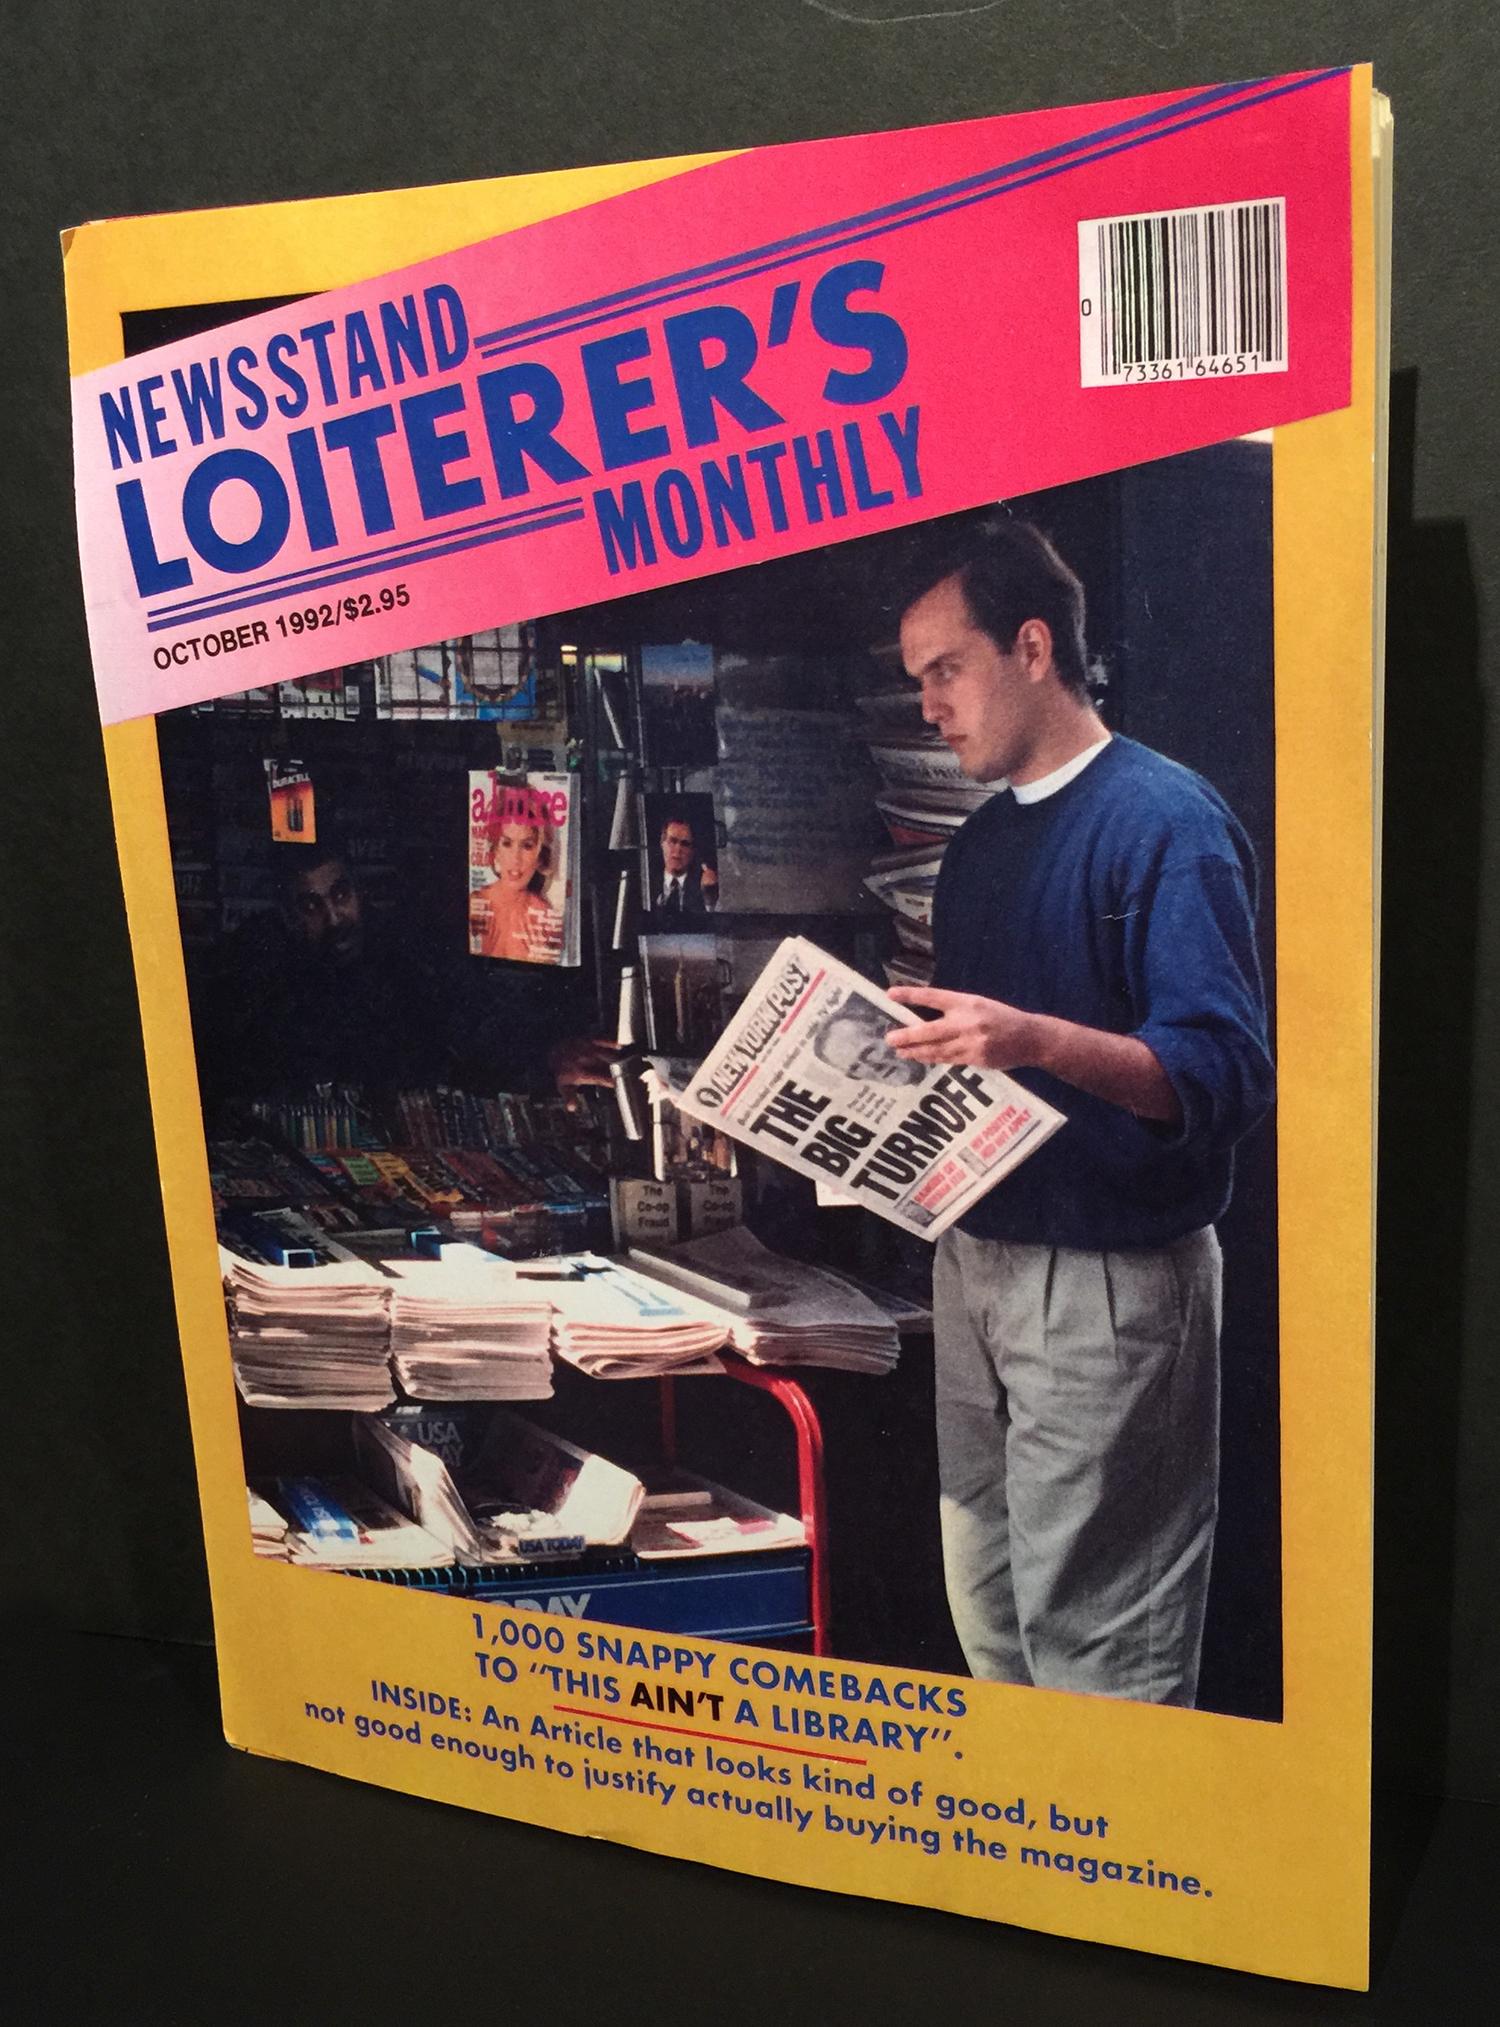 LN-Loiterer-Magazine.jpg